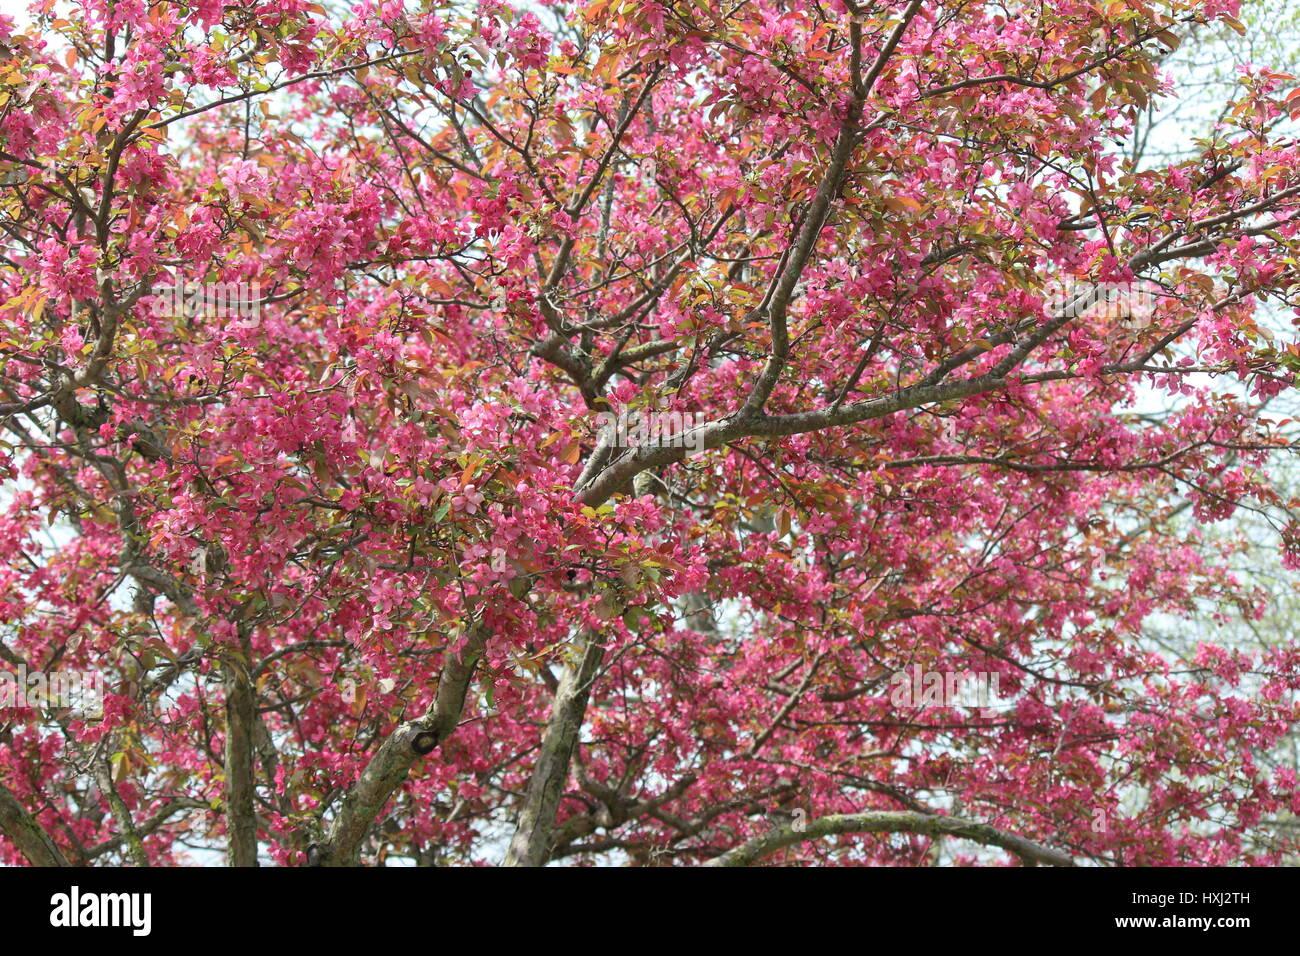 Bright pink flowering crabapple tree in spring stock photo bright pink flowering crabapple tree in spring mightylinksfo